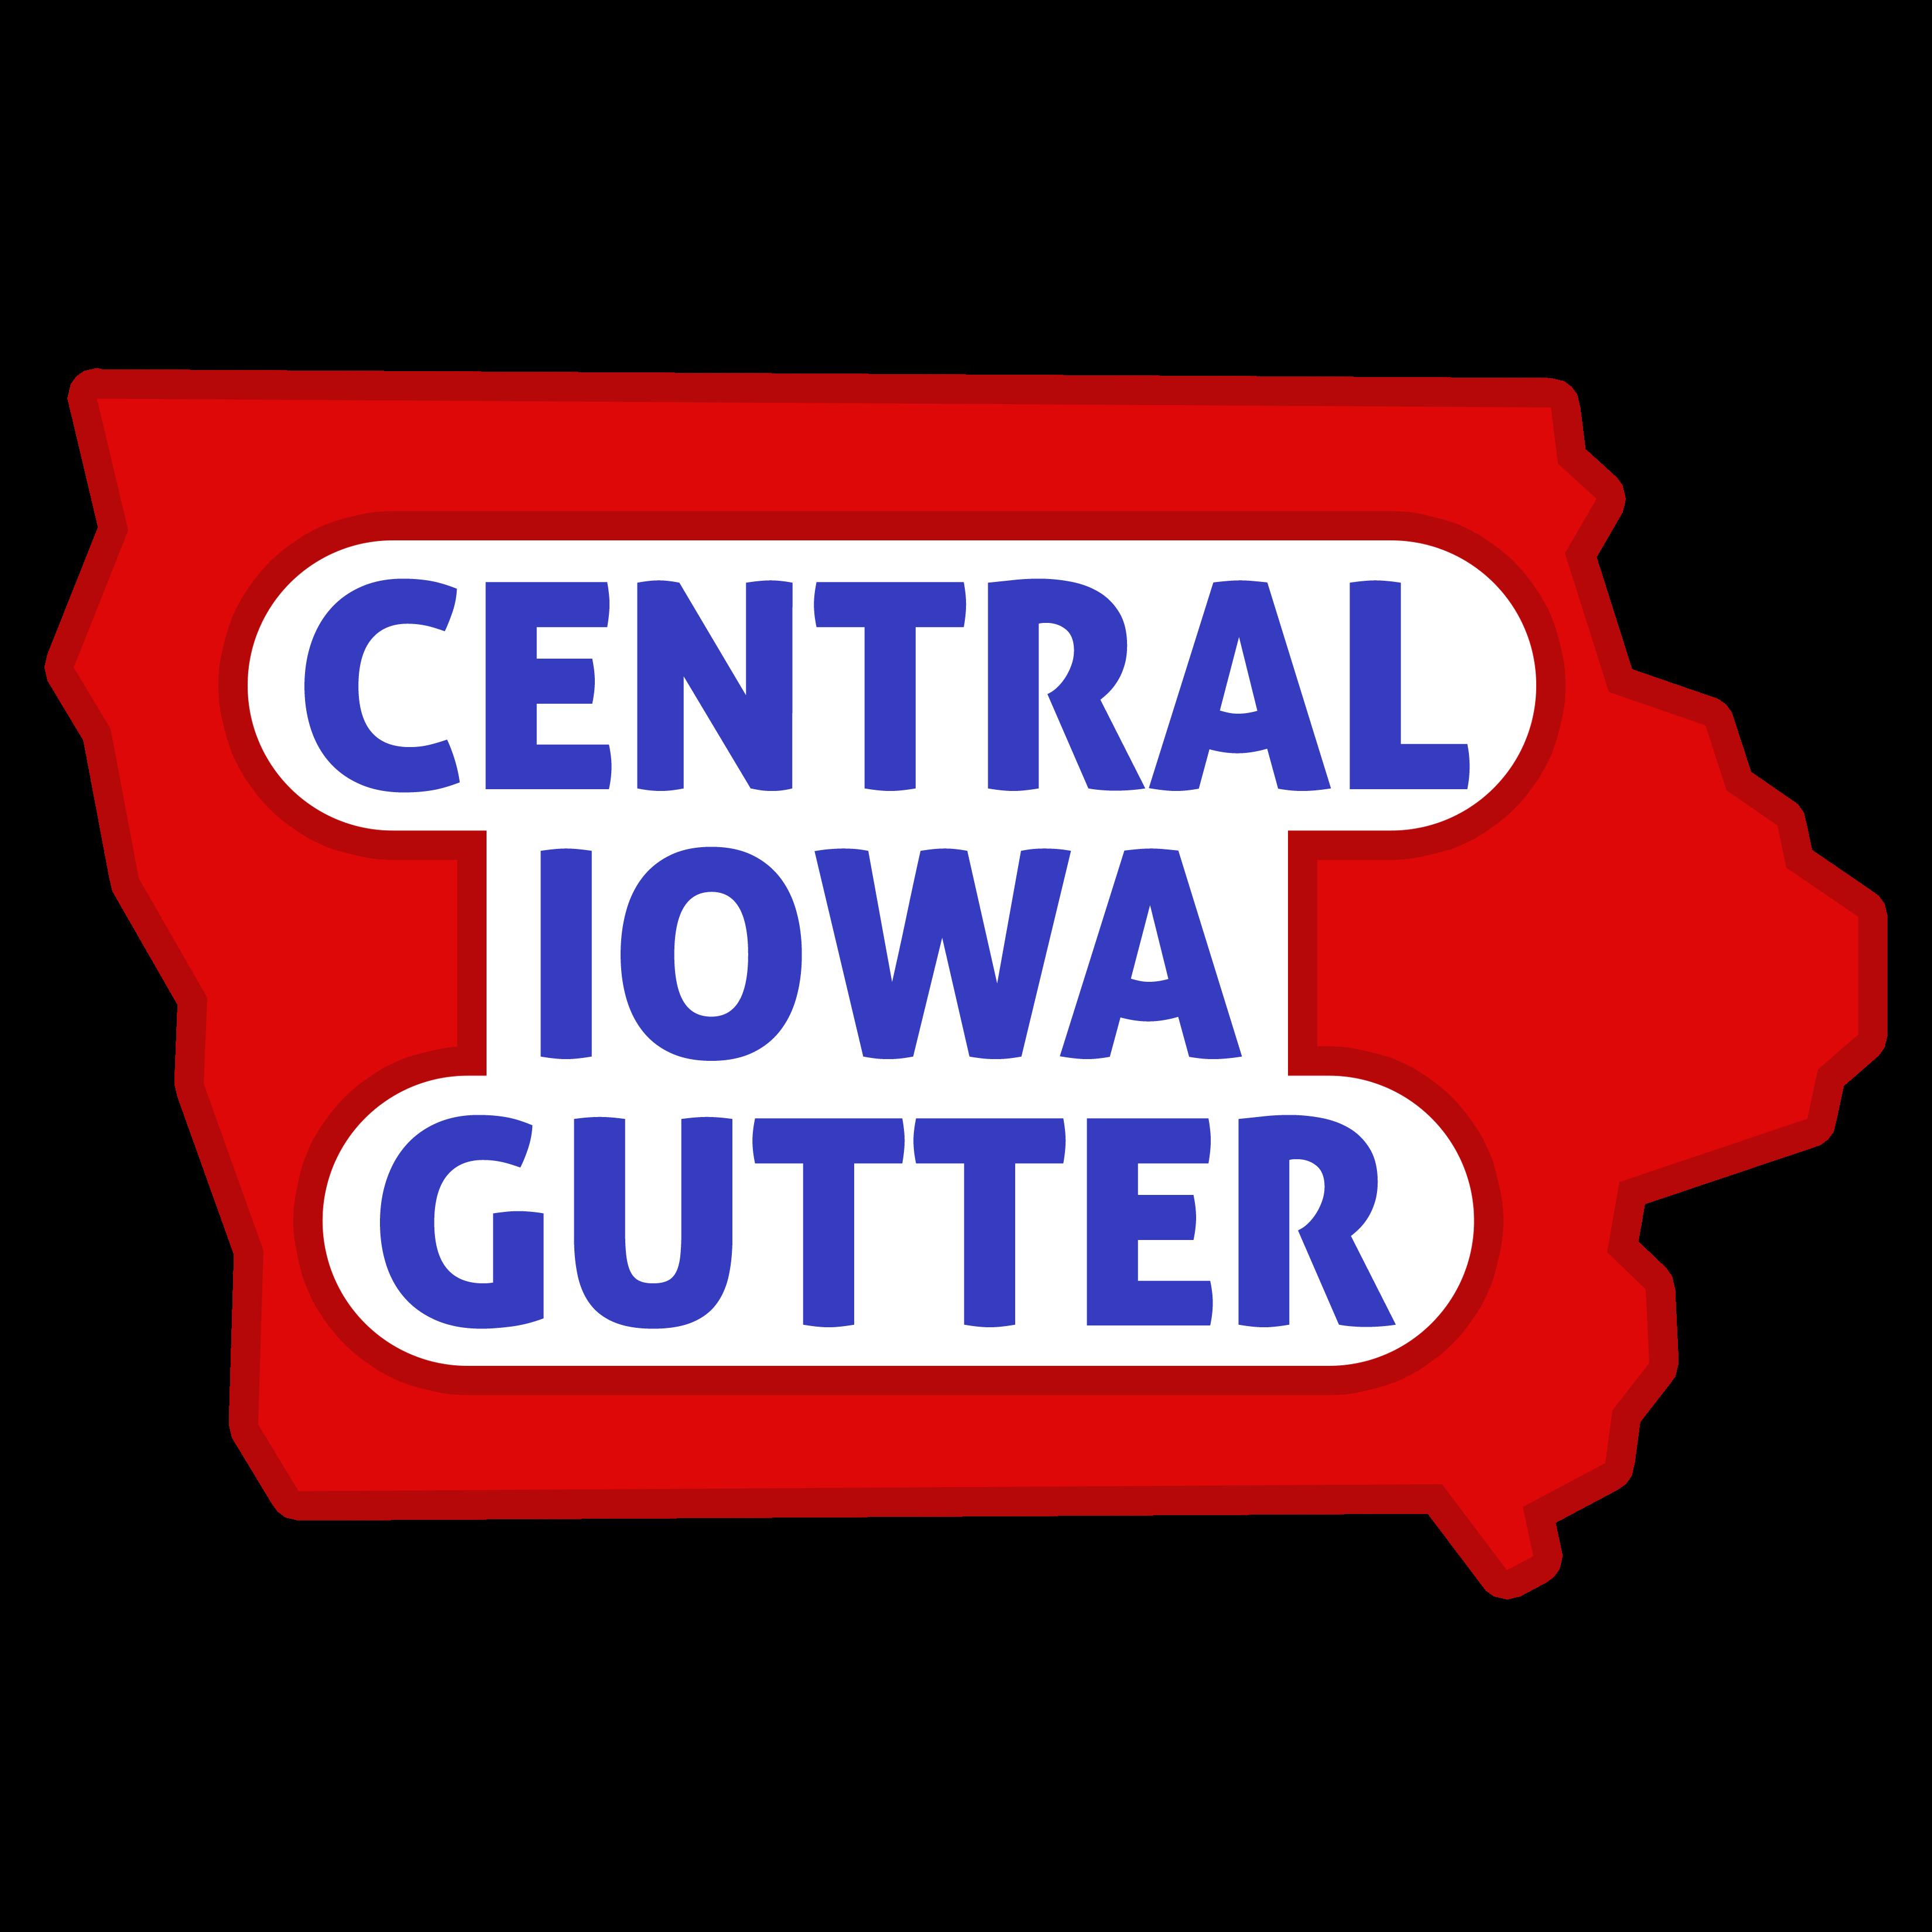 Central Iowa Gutter